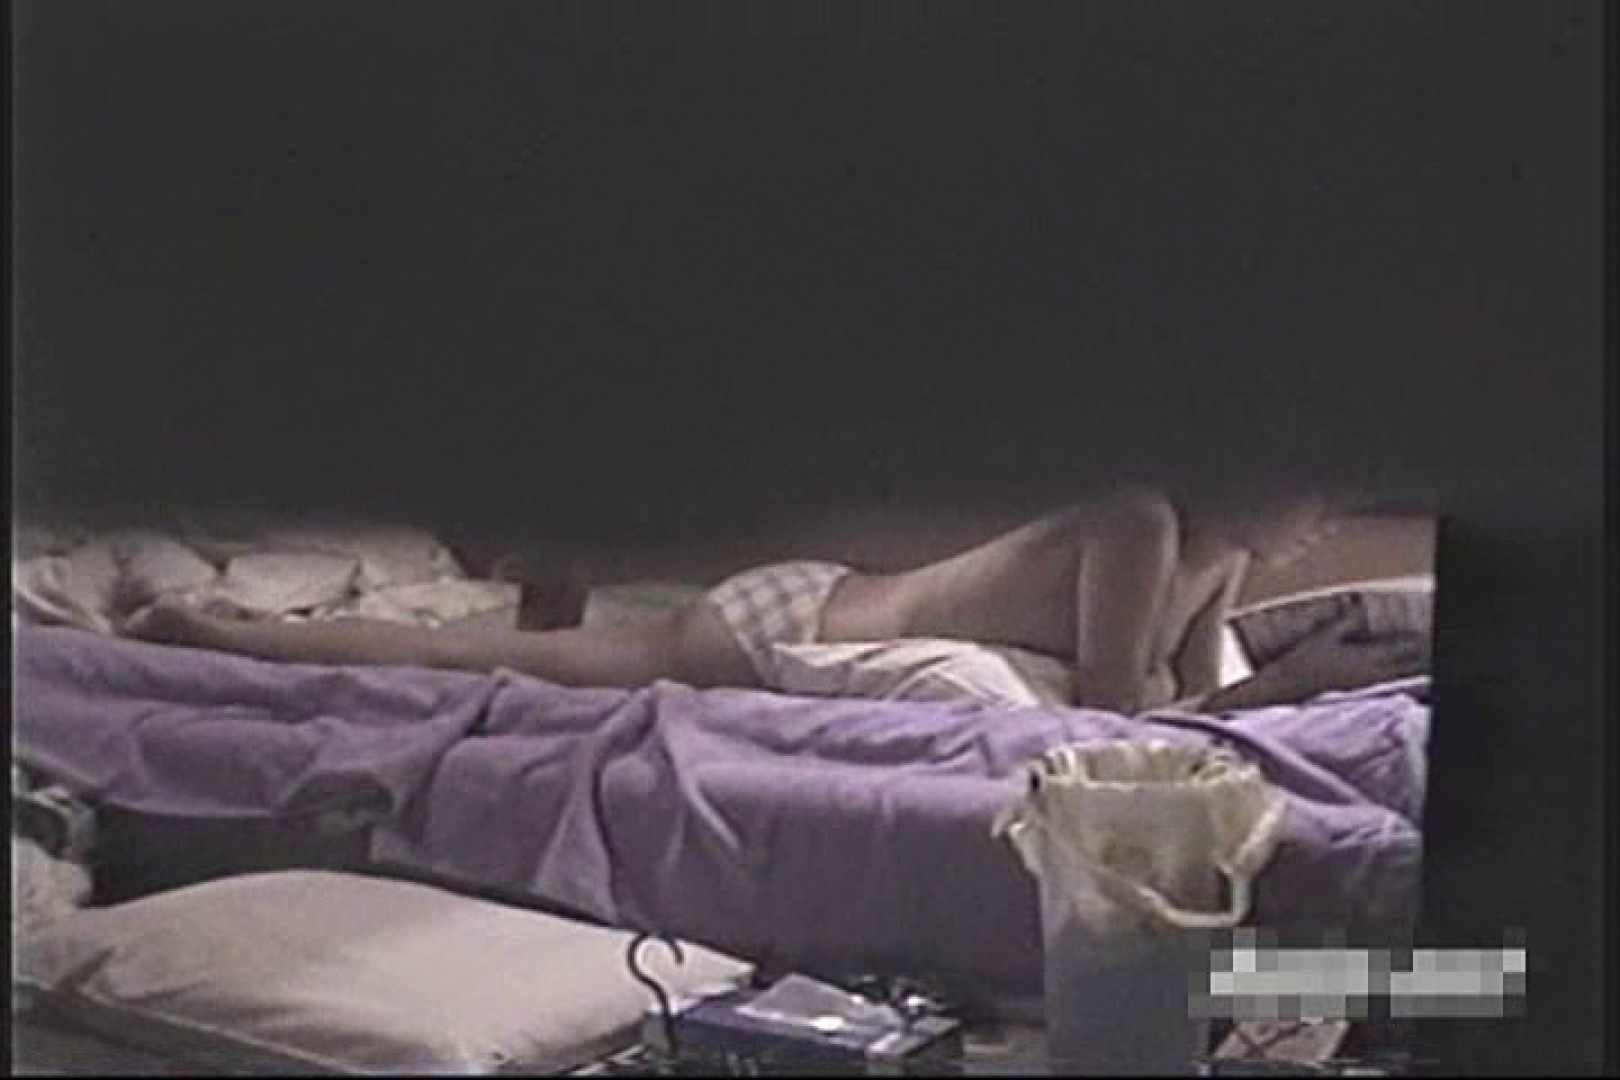 プライベートピーピング 欲求不満な女達Vol.6 プライベート オマンコ無修正動画無料 72連発 6